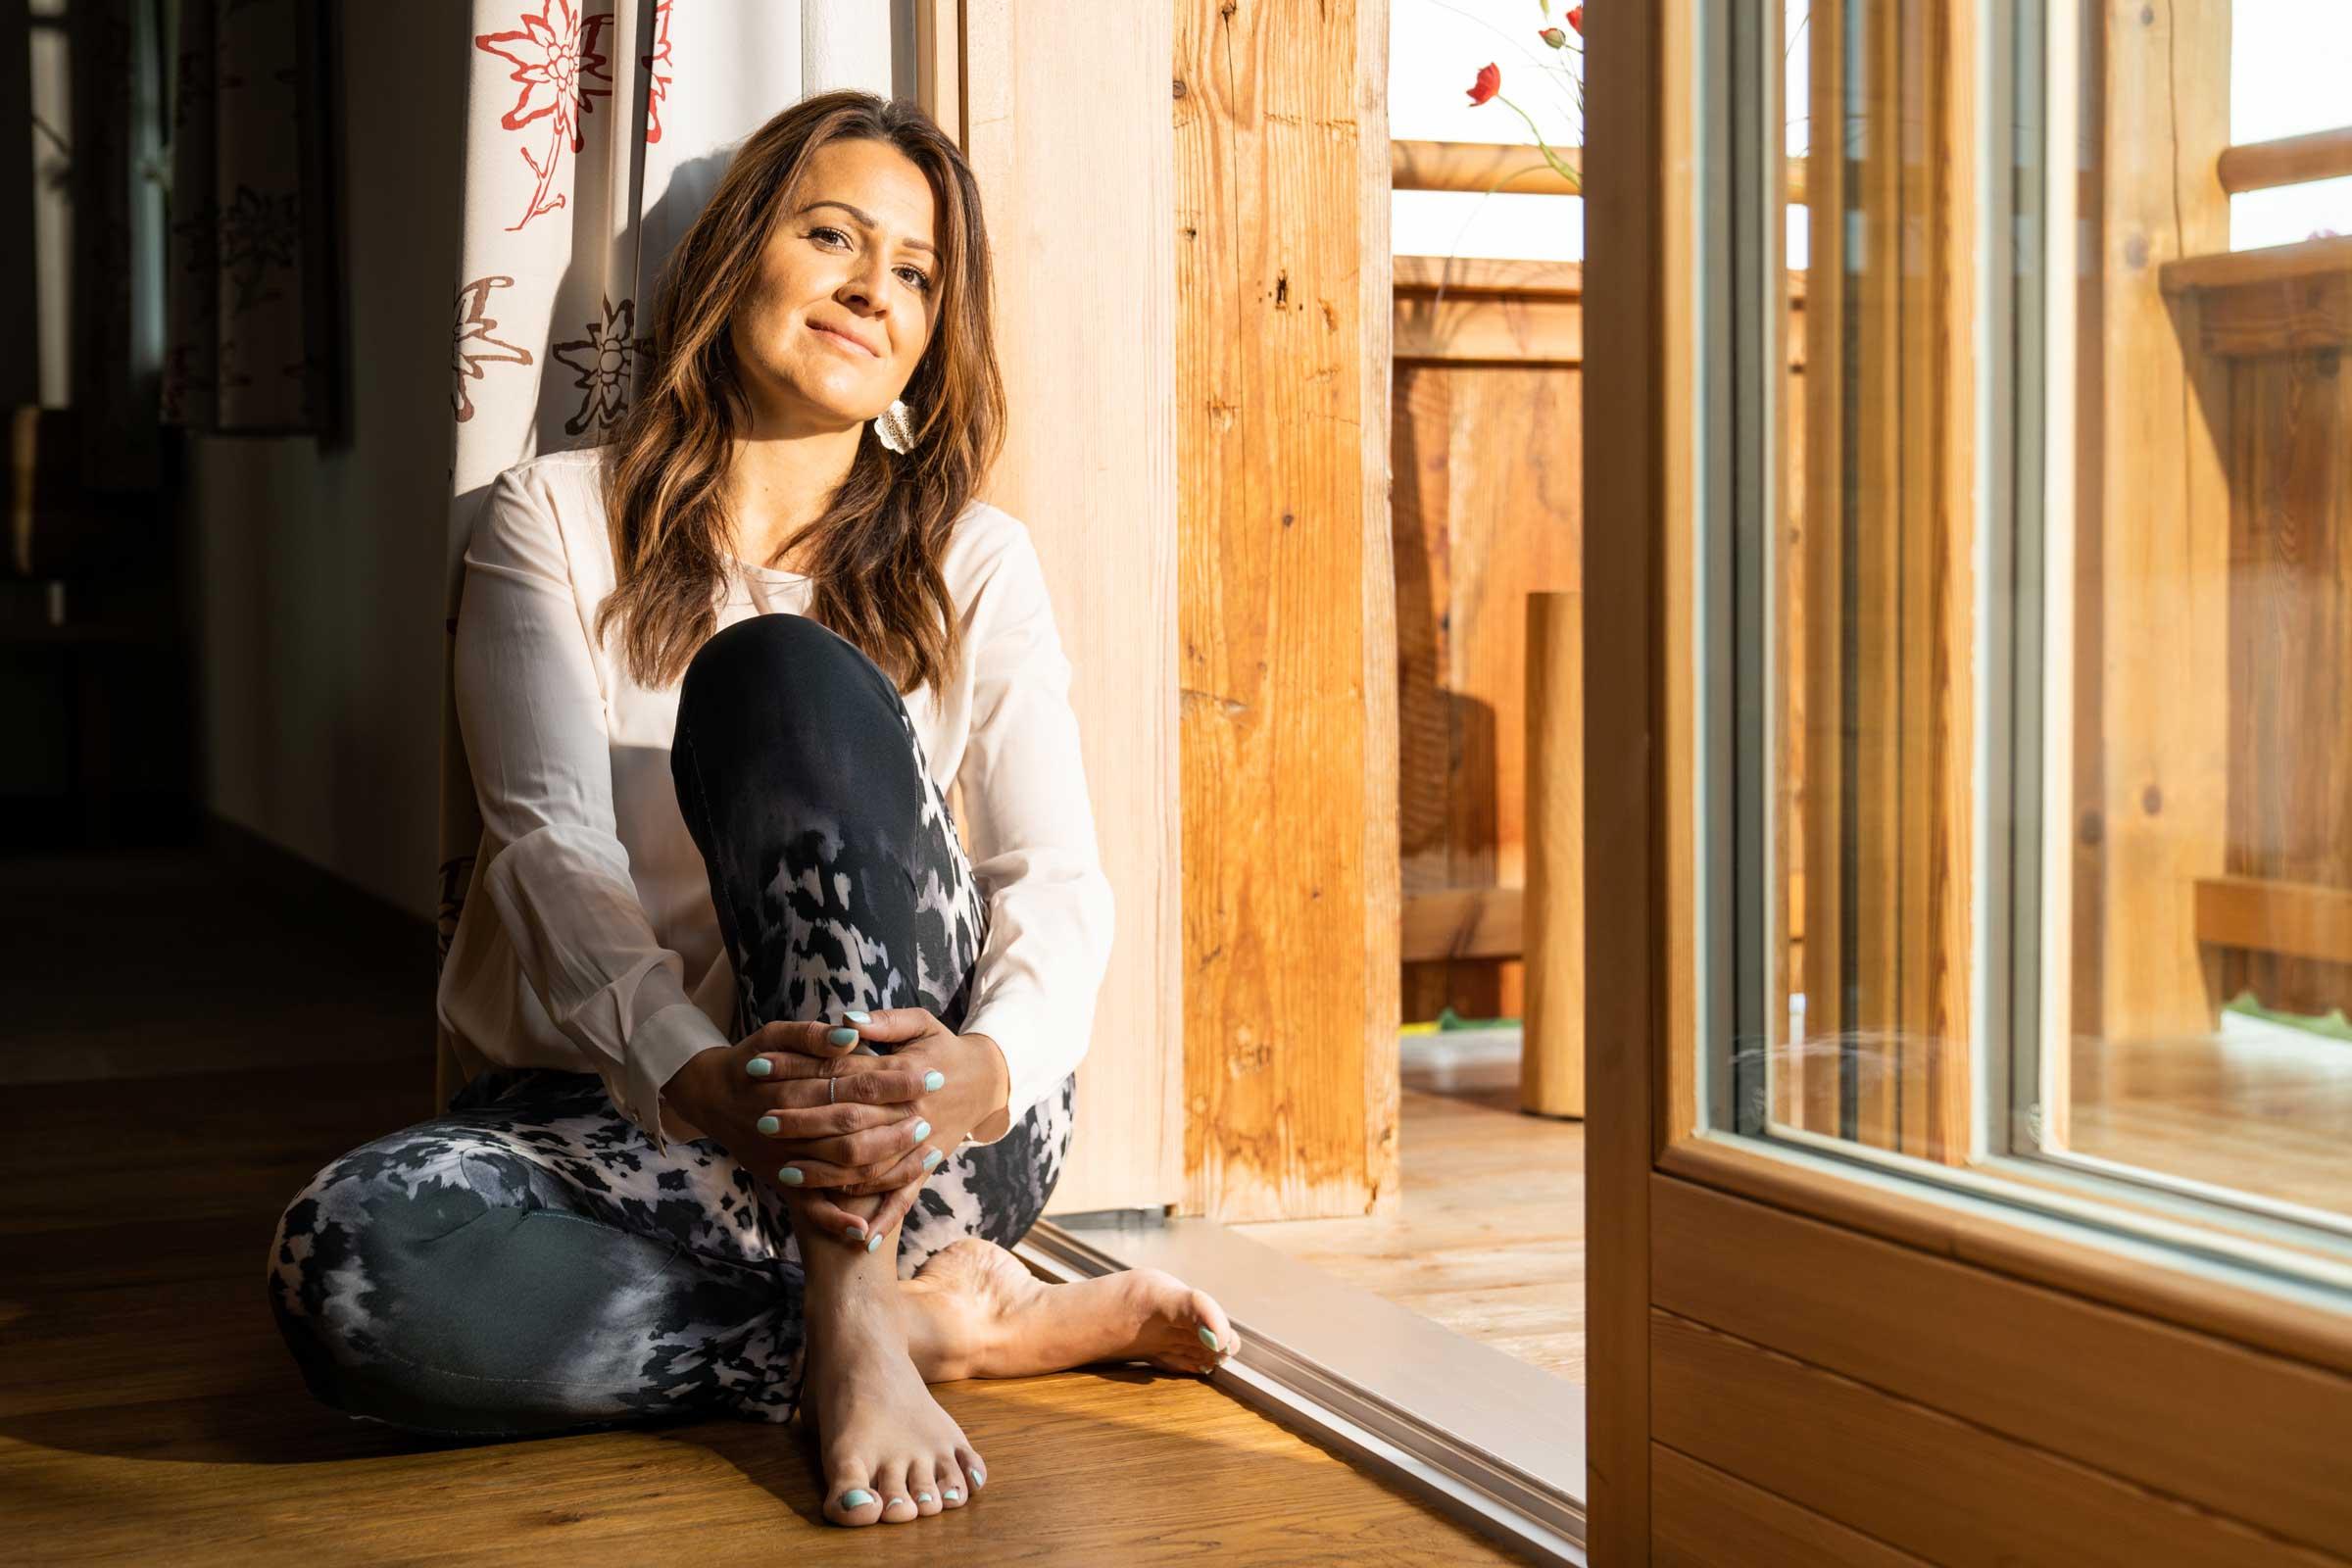 Urlauberin sitzt in der Terrassentürschwelle und genießt die Ruhe.